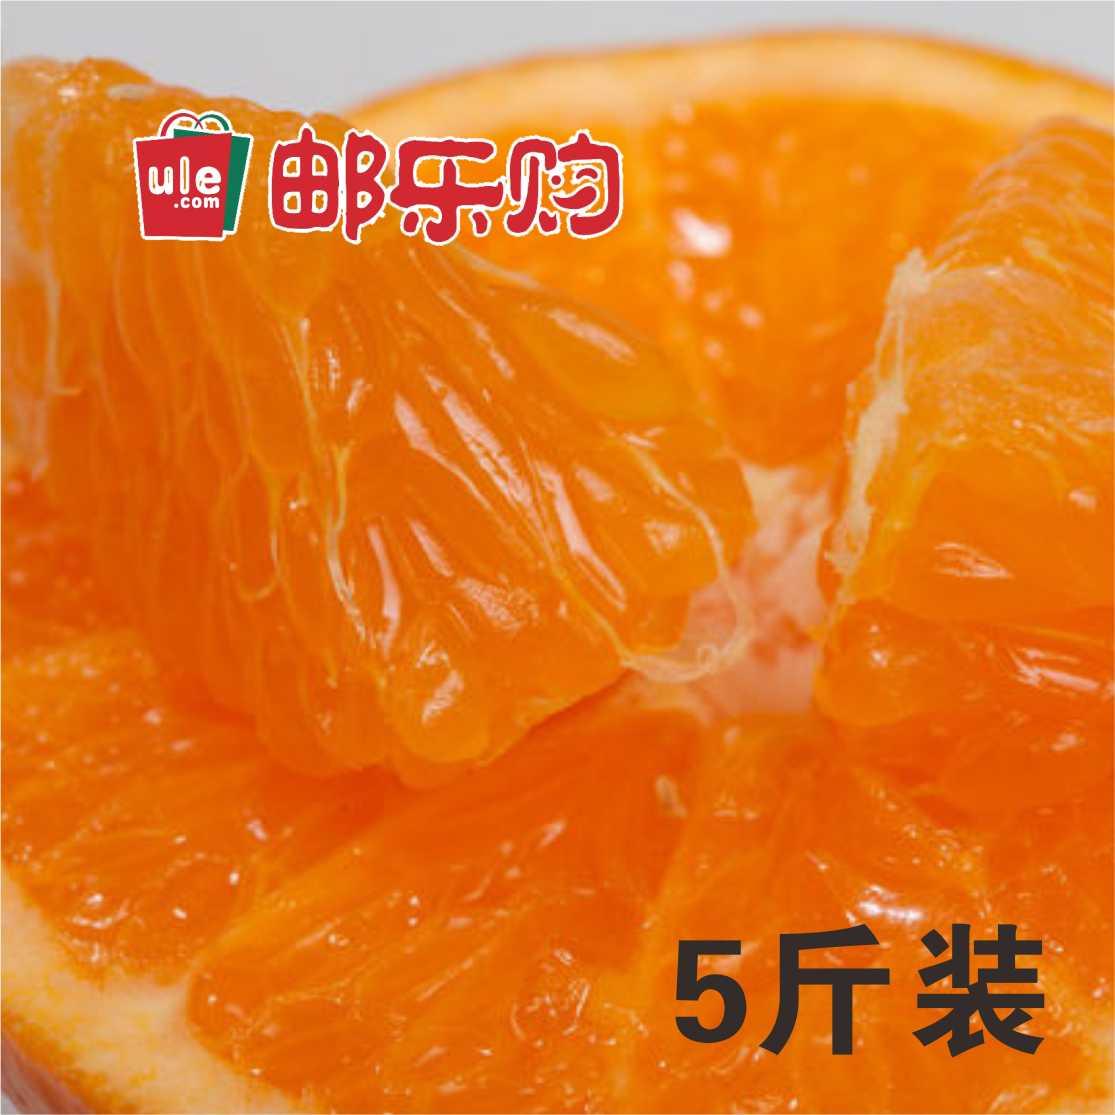 [双十一][预售:11月20日左右统一发货]临海蜜桔 5斤装